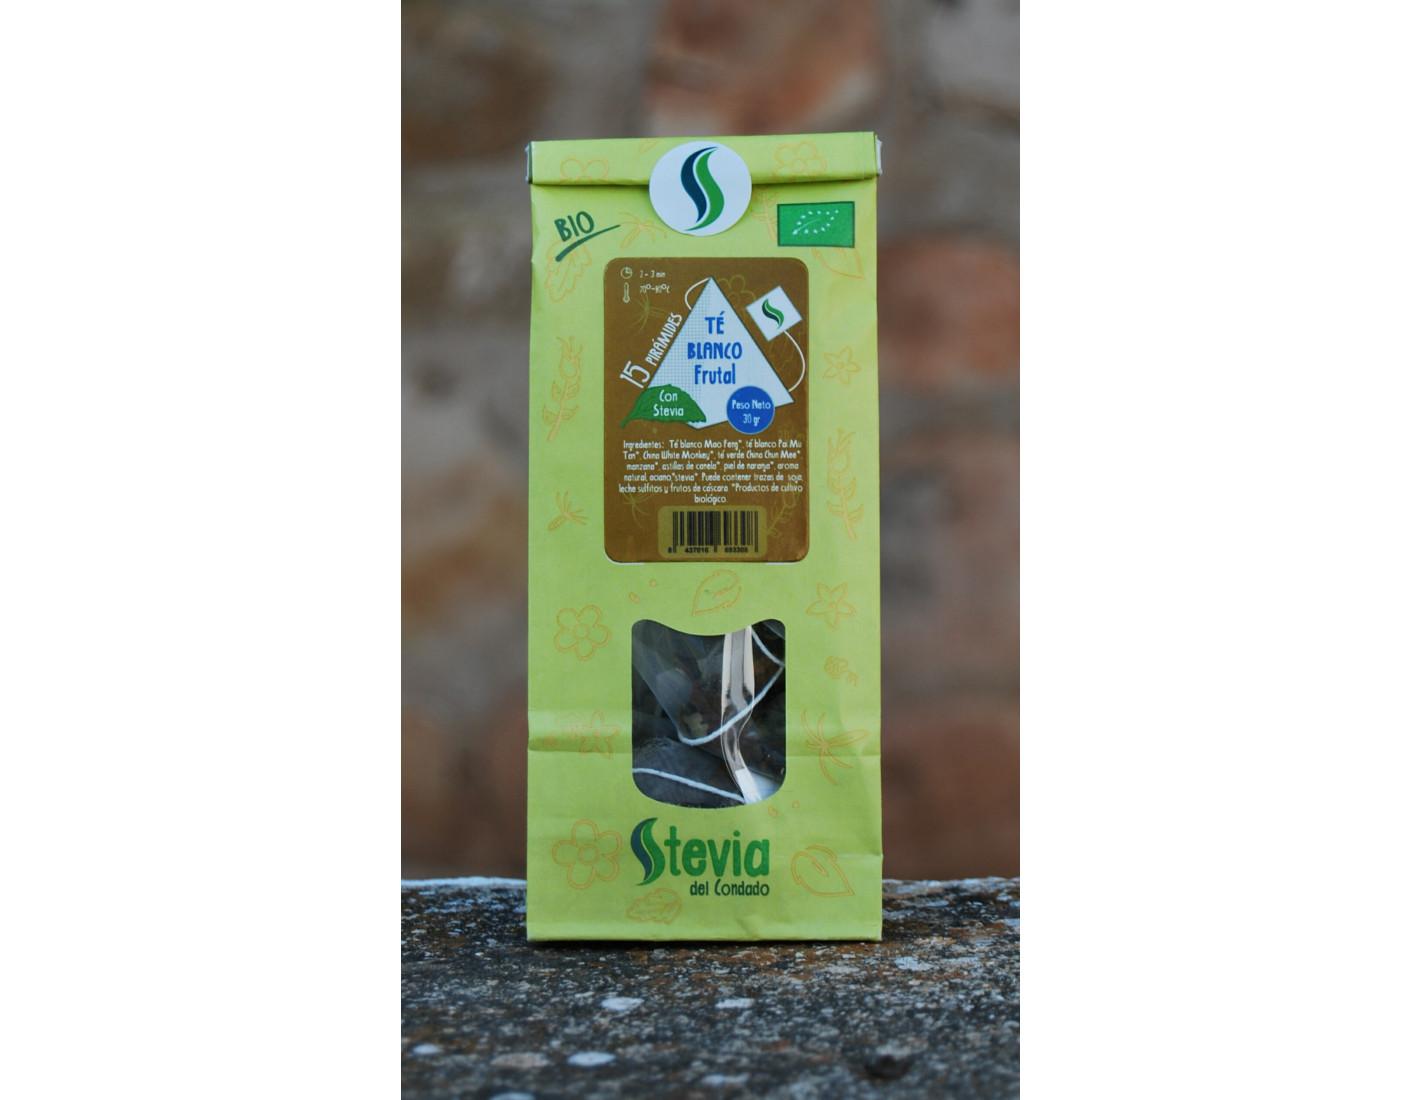 Pack de 3 Tés o Infusiones con Stevia BIO